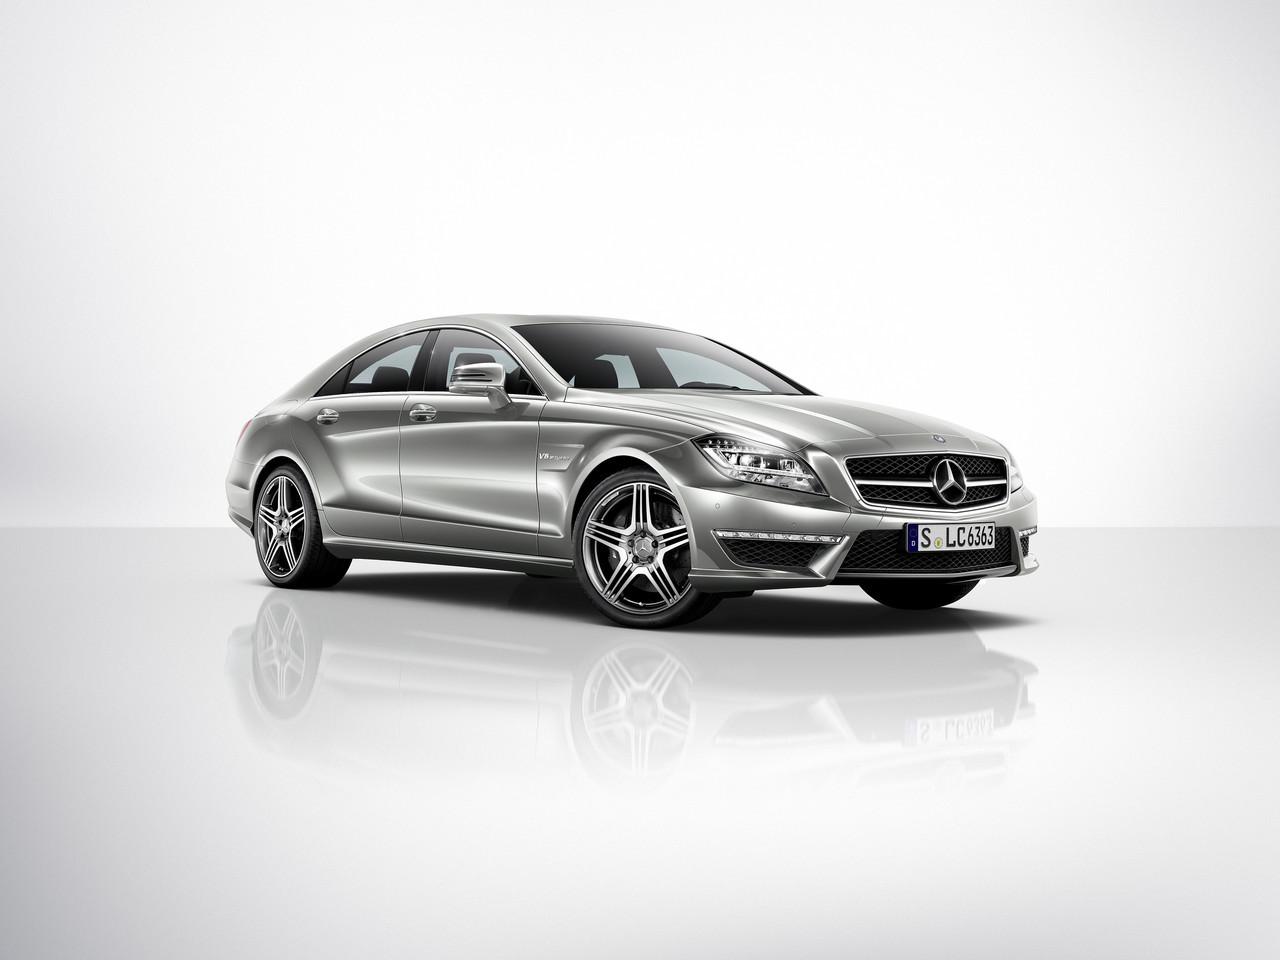 Foto de Mercedes CLS 63 AMG 2011 (4/30)